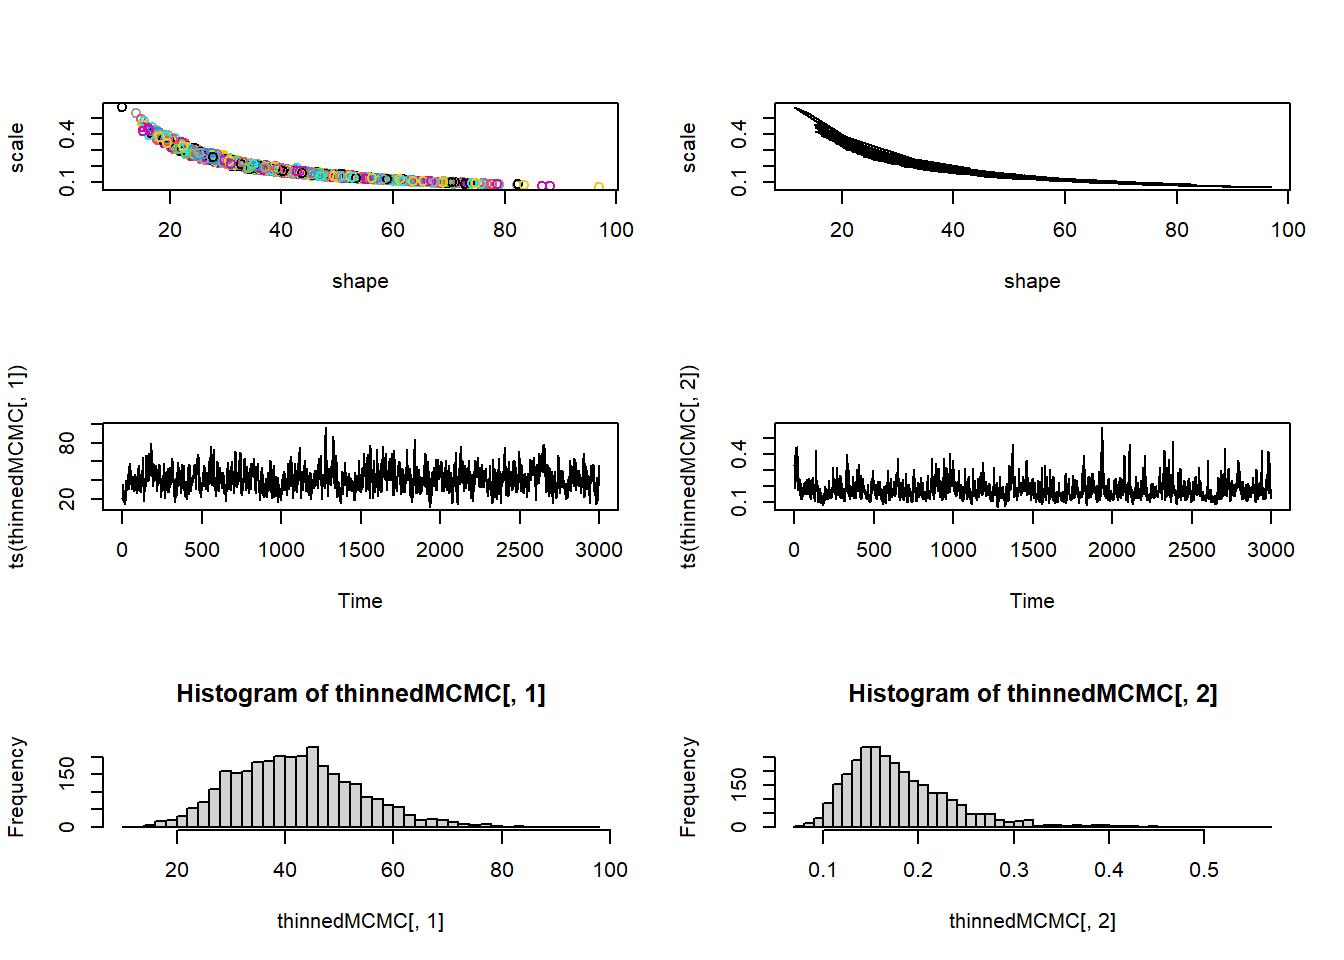 Bayesian Analysis #2: MCMC